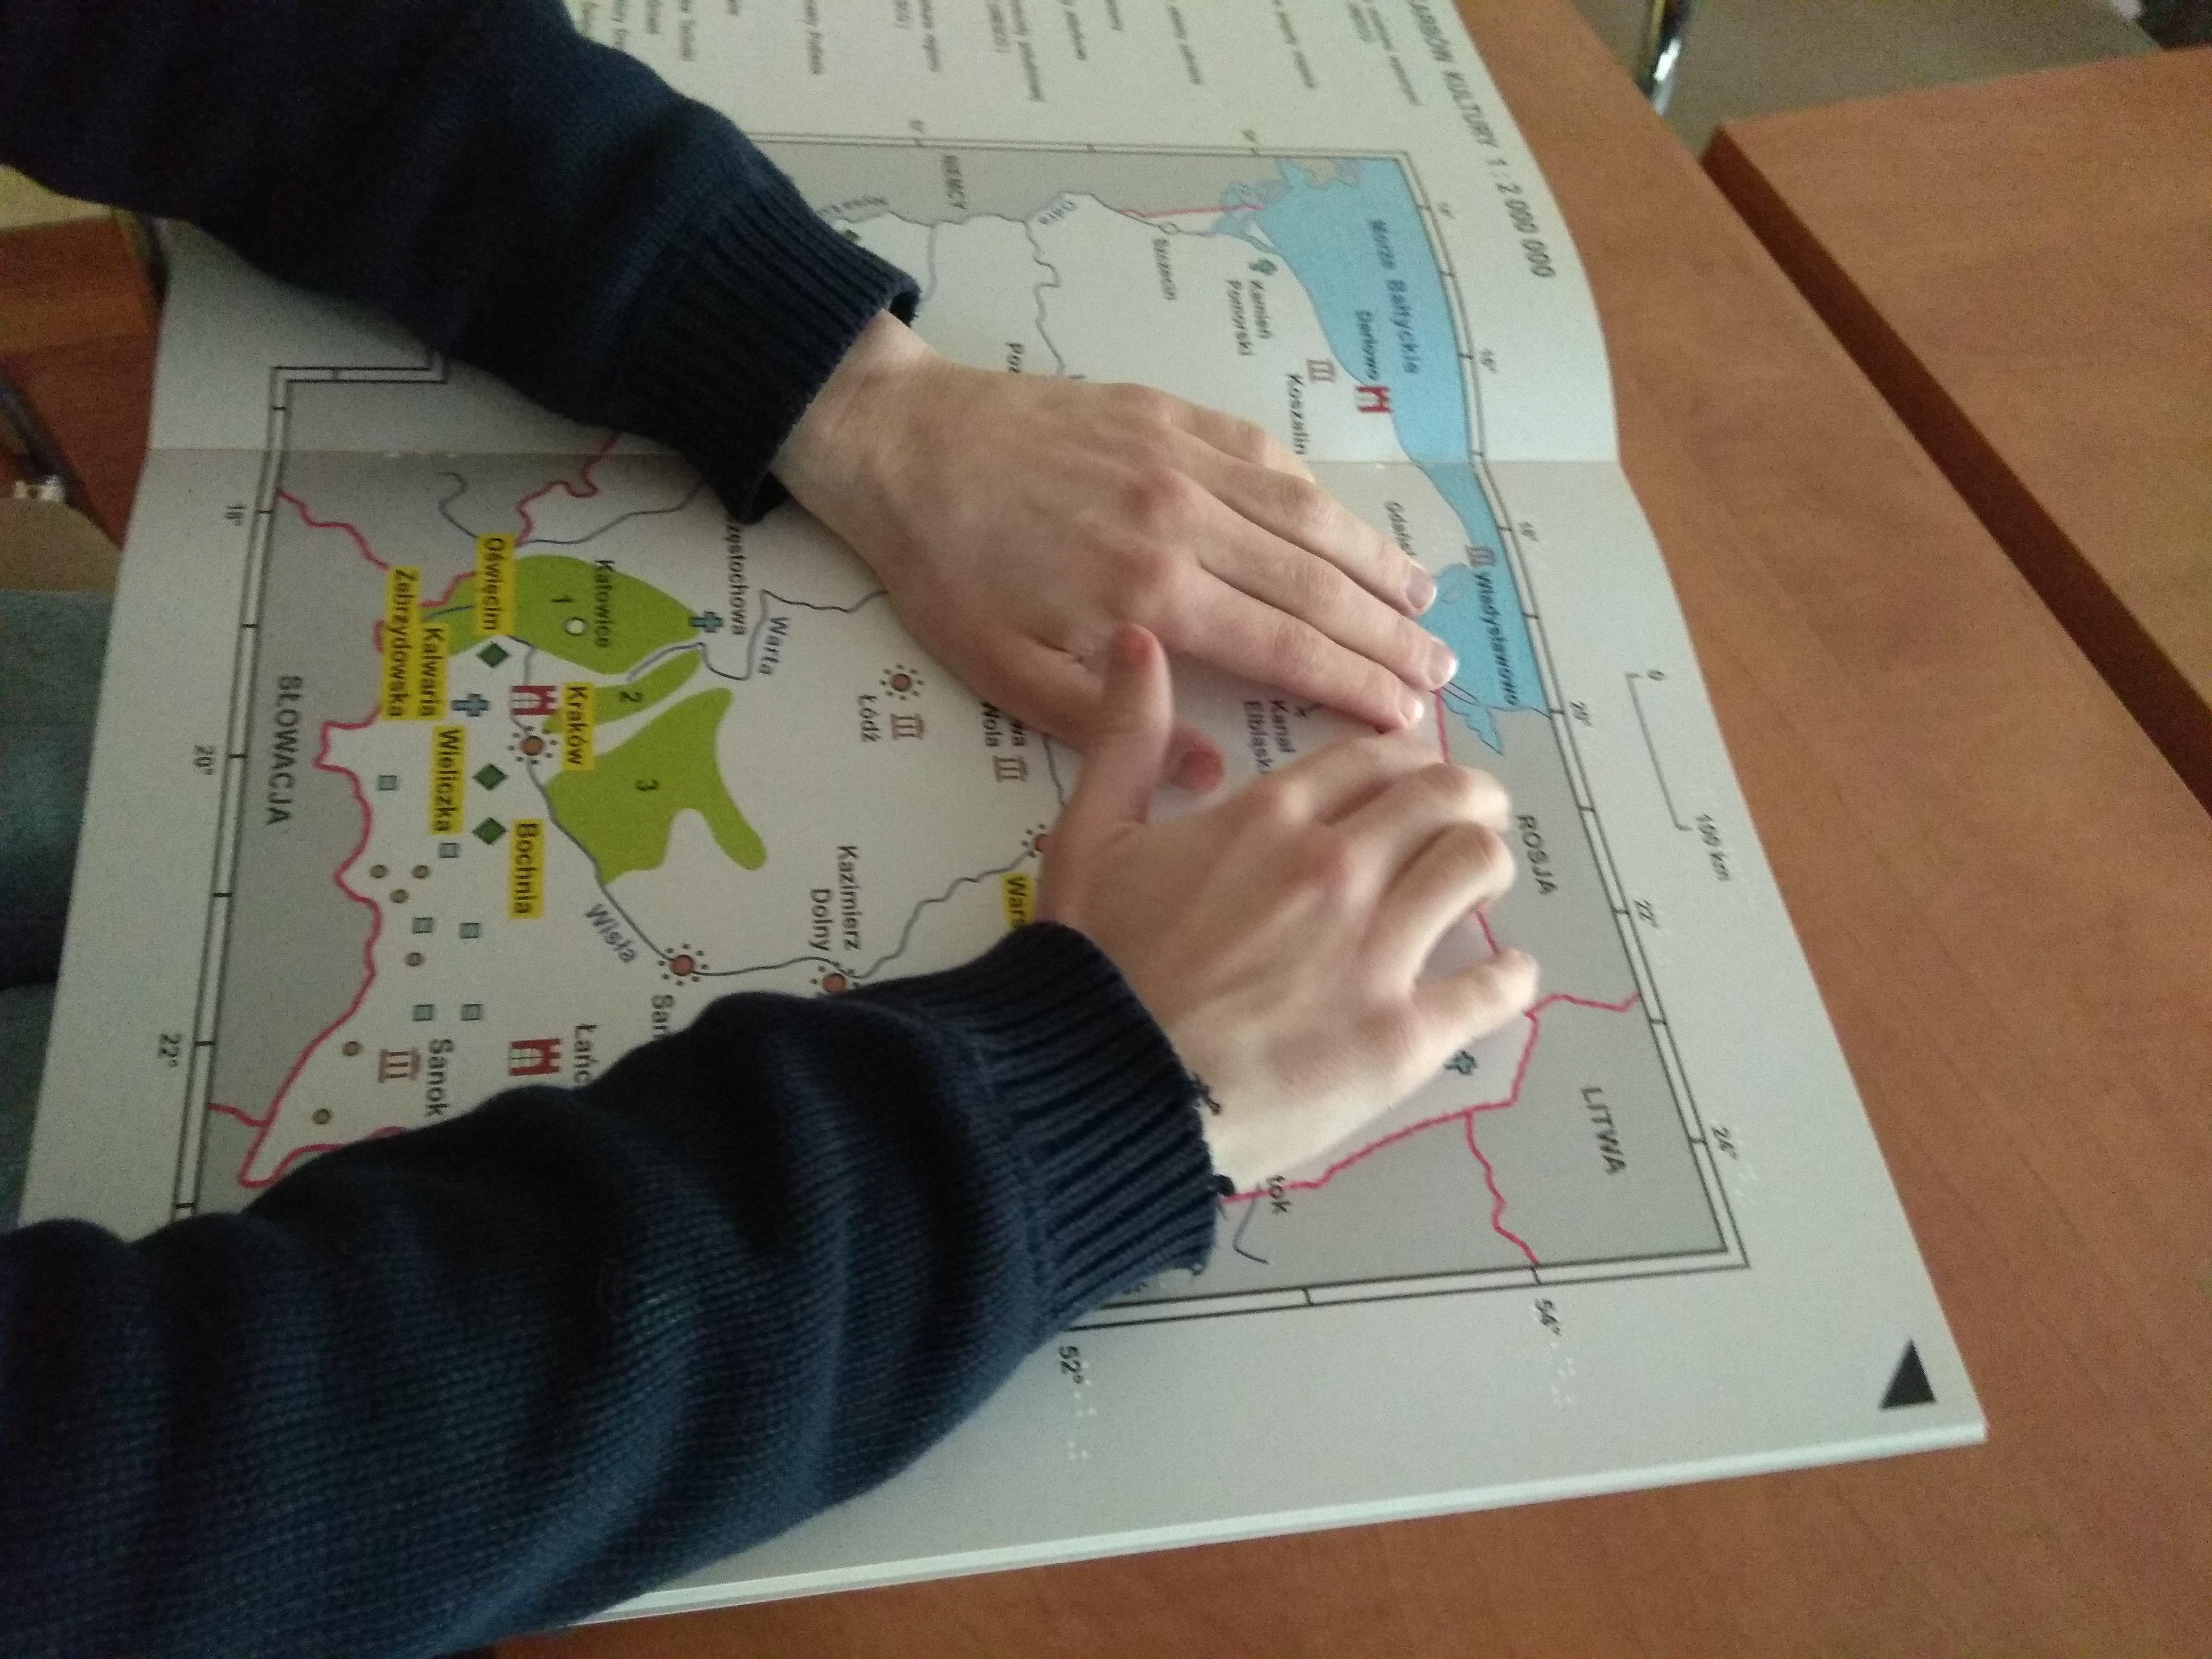 Dłonie uczestnika w czarnych rękawach podczas czytania dotykiem tyflomapy Polski z publikacji Bliżej Skarbów Kultury